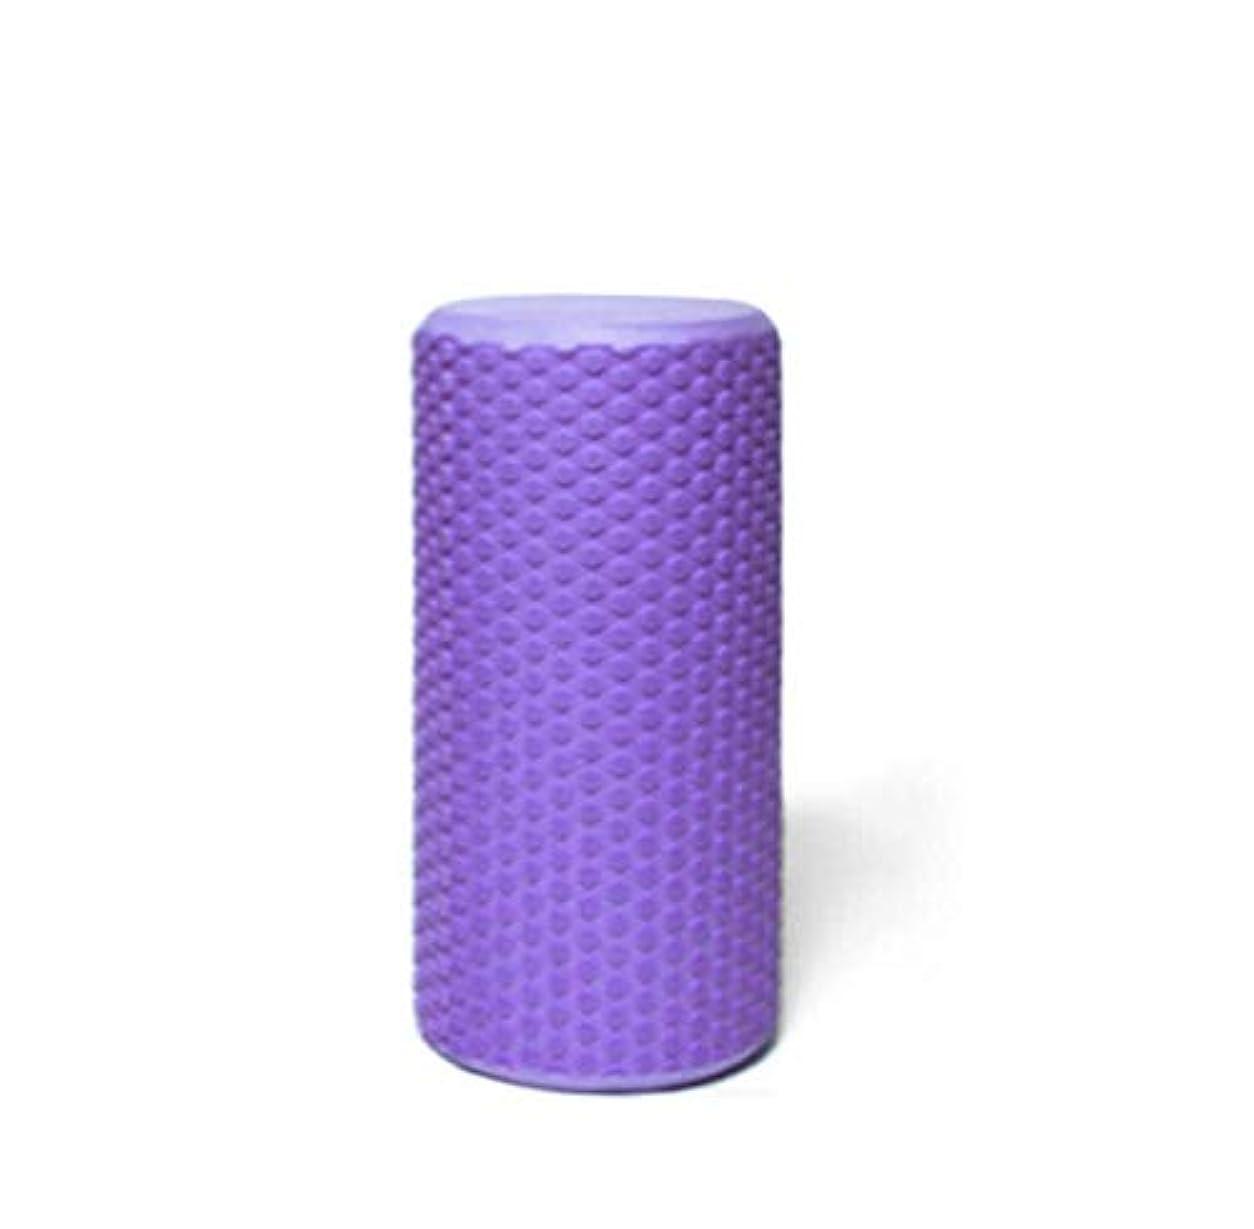 スプーンカカドゥバンガローフォームローラー-ディープティッシュマッスルマッサージトリガーポイント用のしっかりした高密度マッスルローラー,Purple-30x15cm